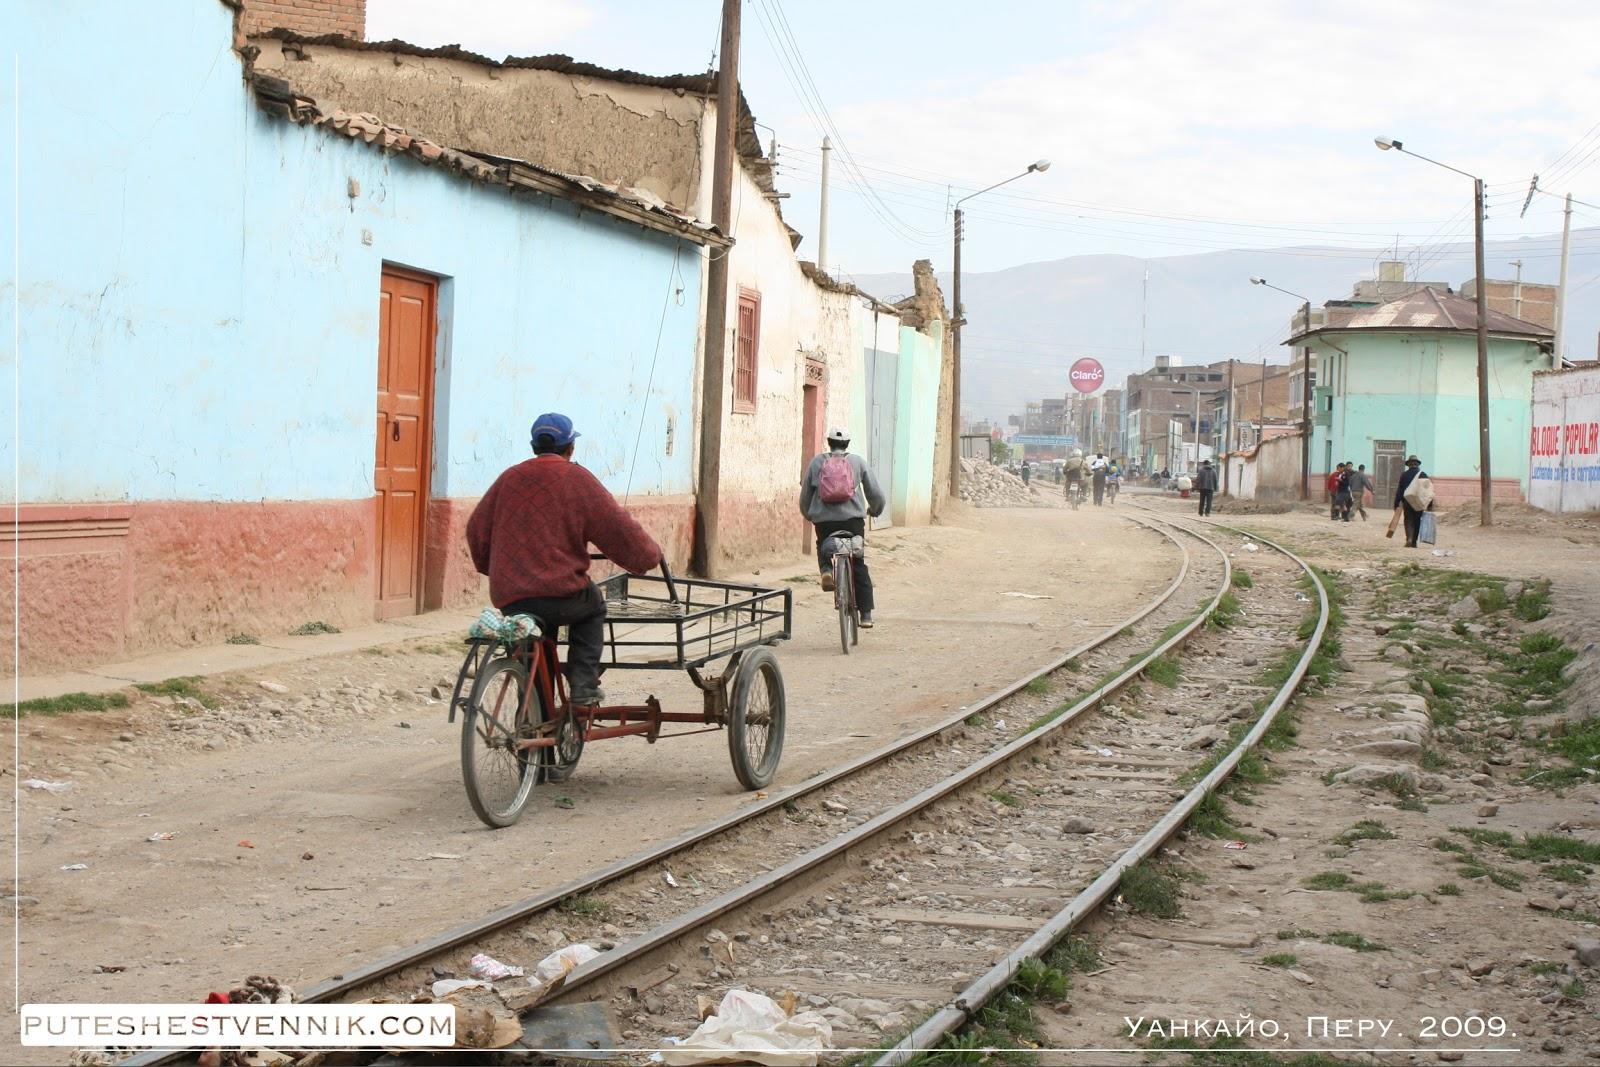 Жители Уанкайо на велосипедах